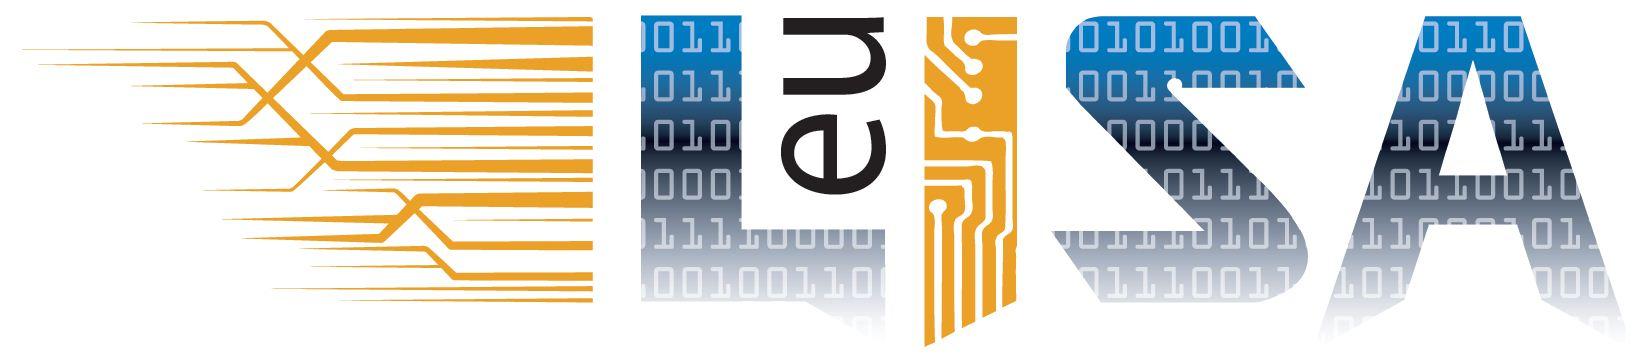 Control inteligent îmbunătățit al frontierelor și o mai bună securitate a datelor pentru UE oferite de consorțiul condus de Unisys  împreună cu Uni Systems și Waveston